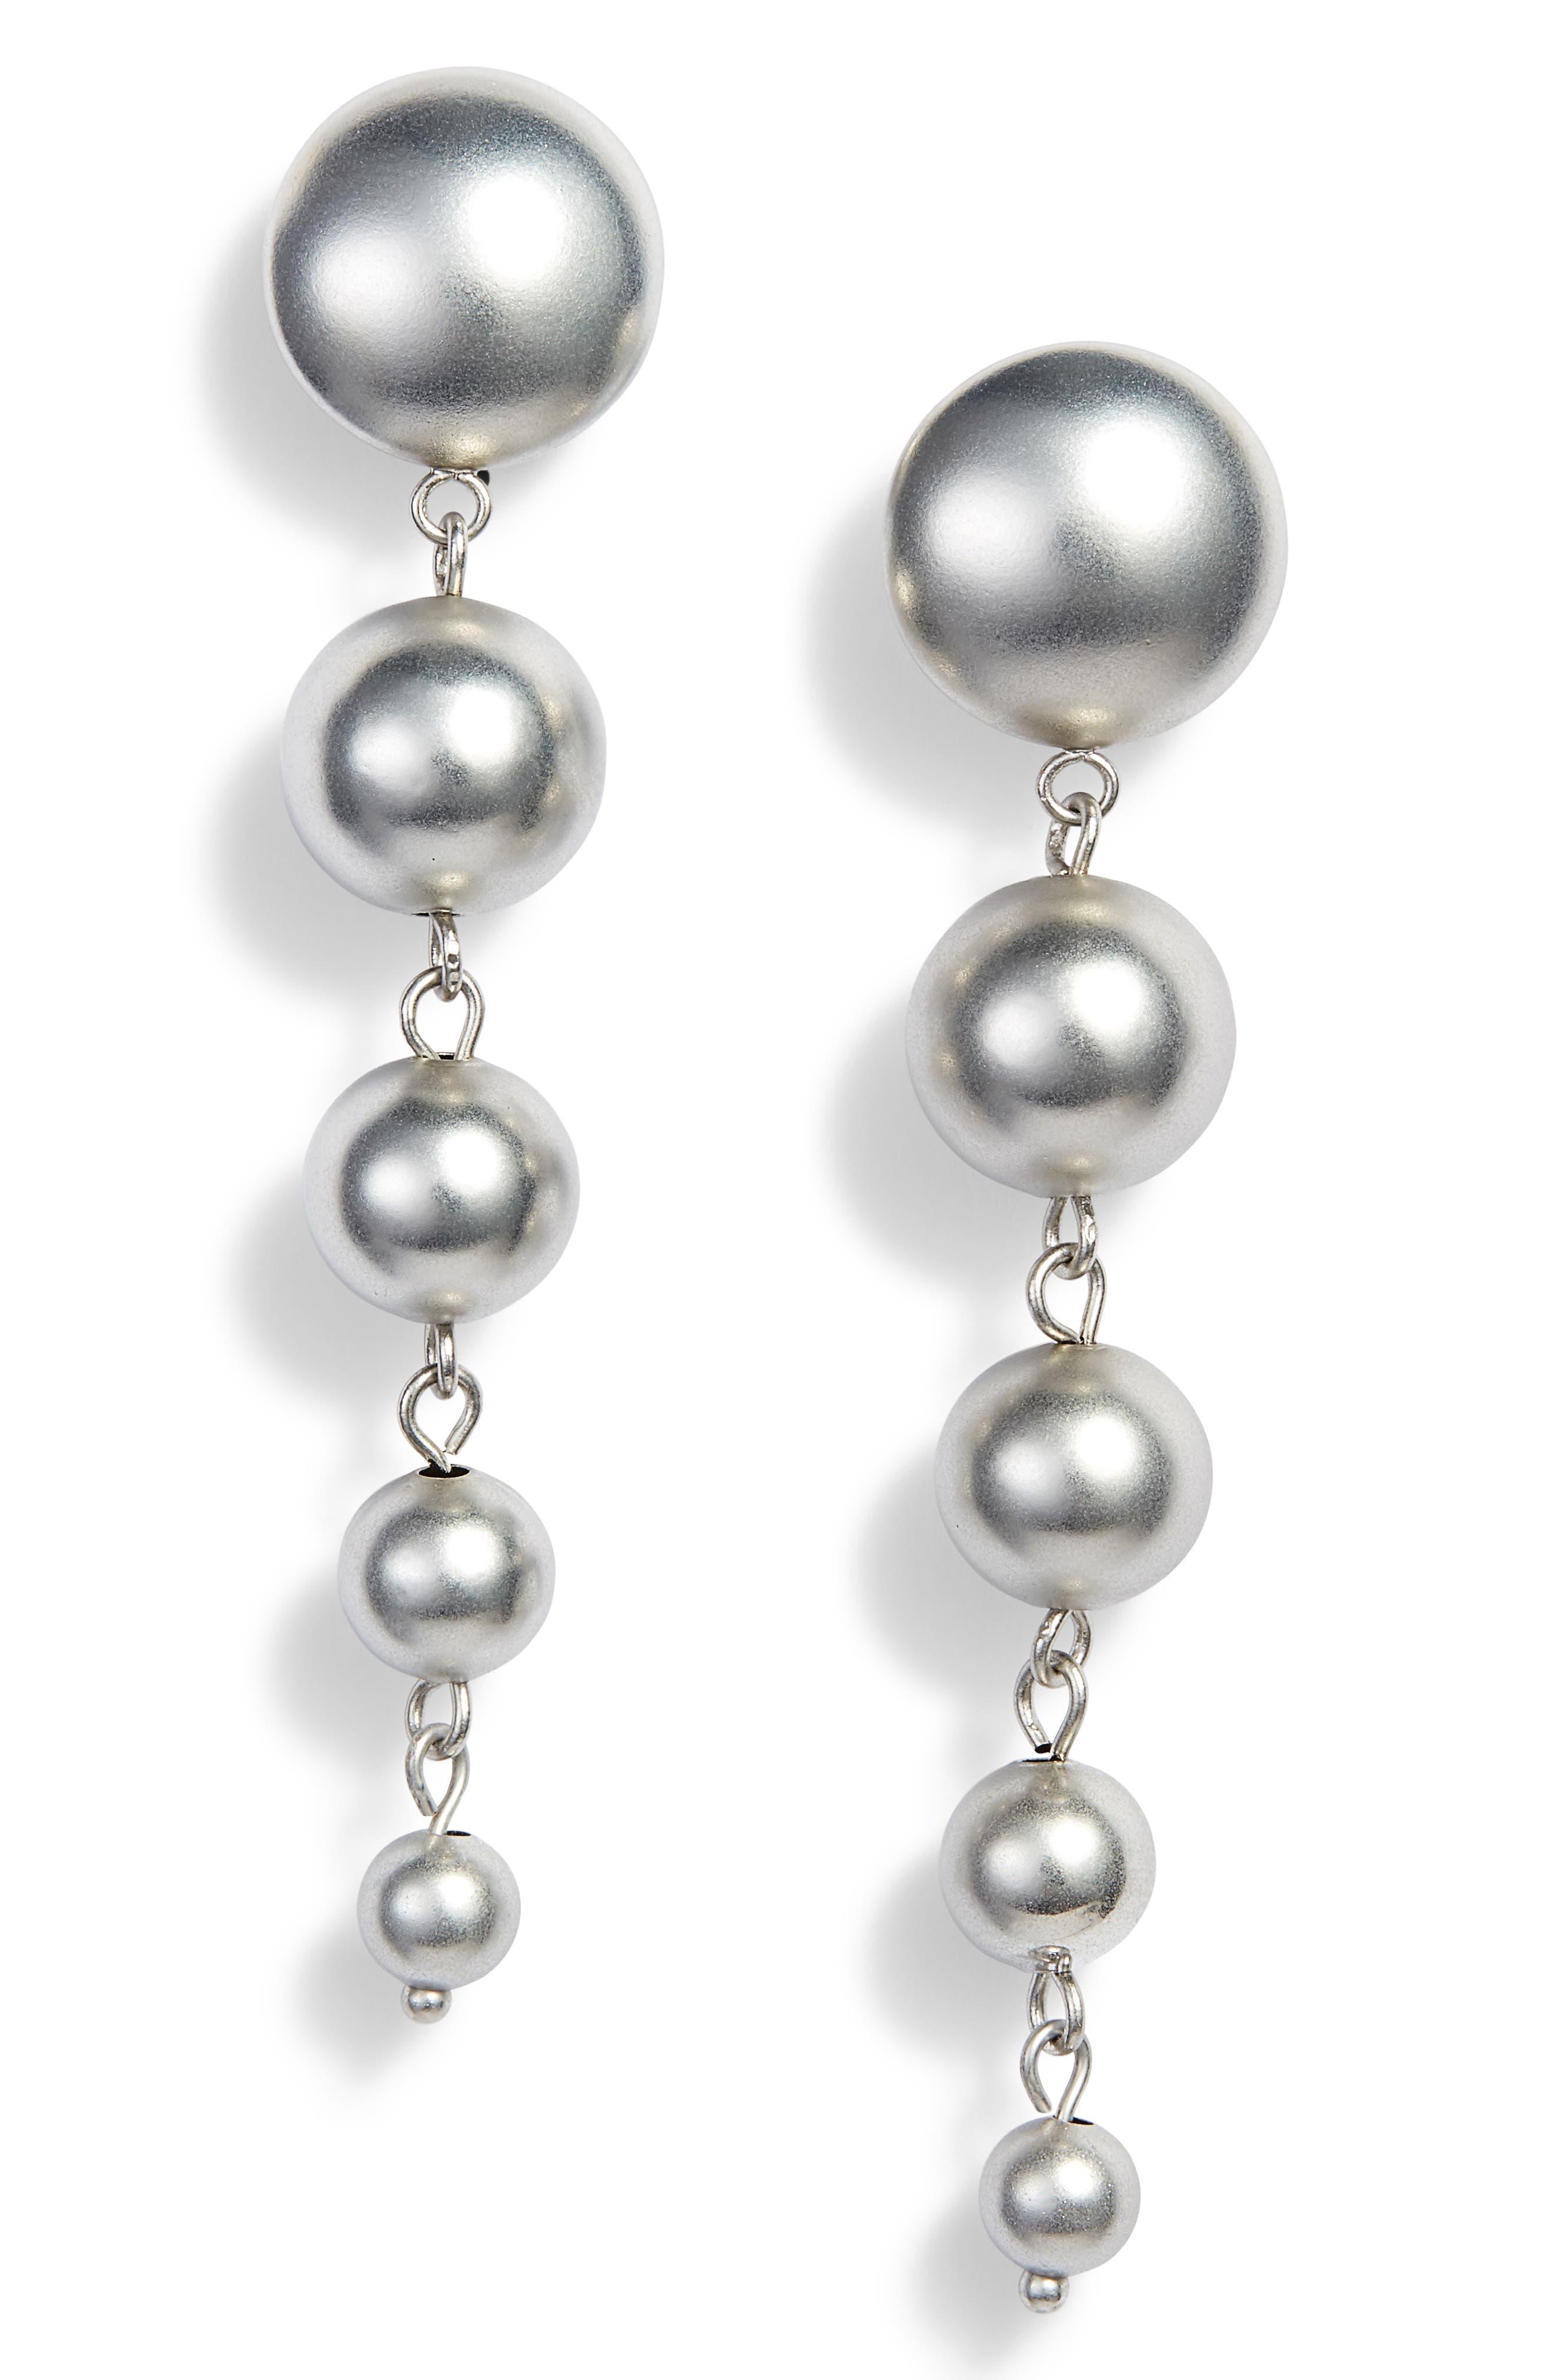 5-Sphere Graduated Drop Earrings,                             Main thumbnail 1, color,                             Rhodium